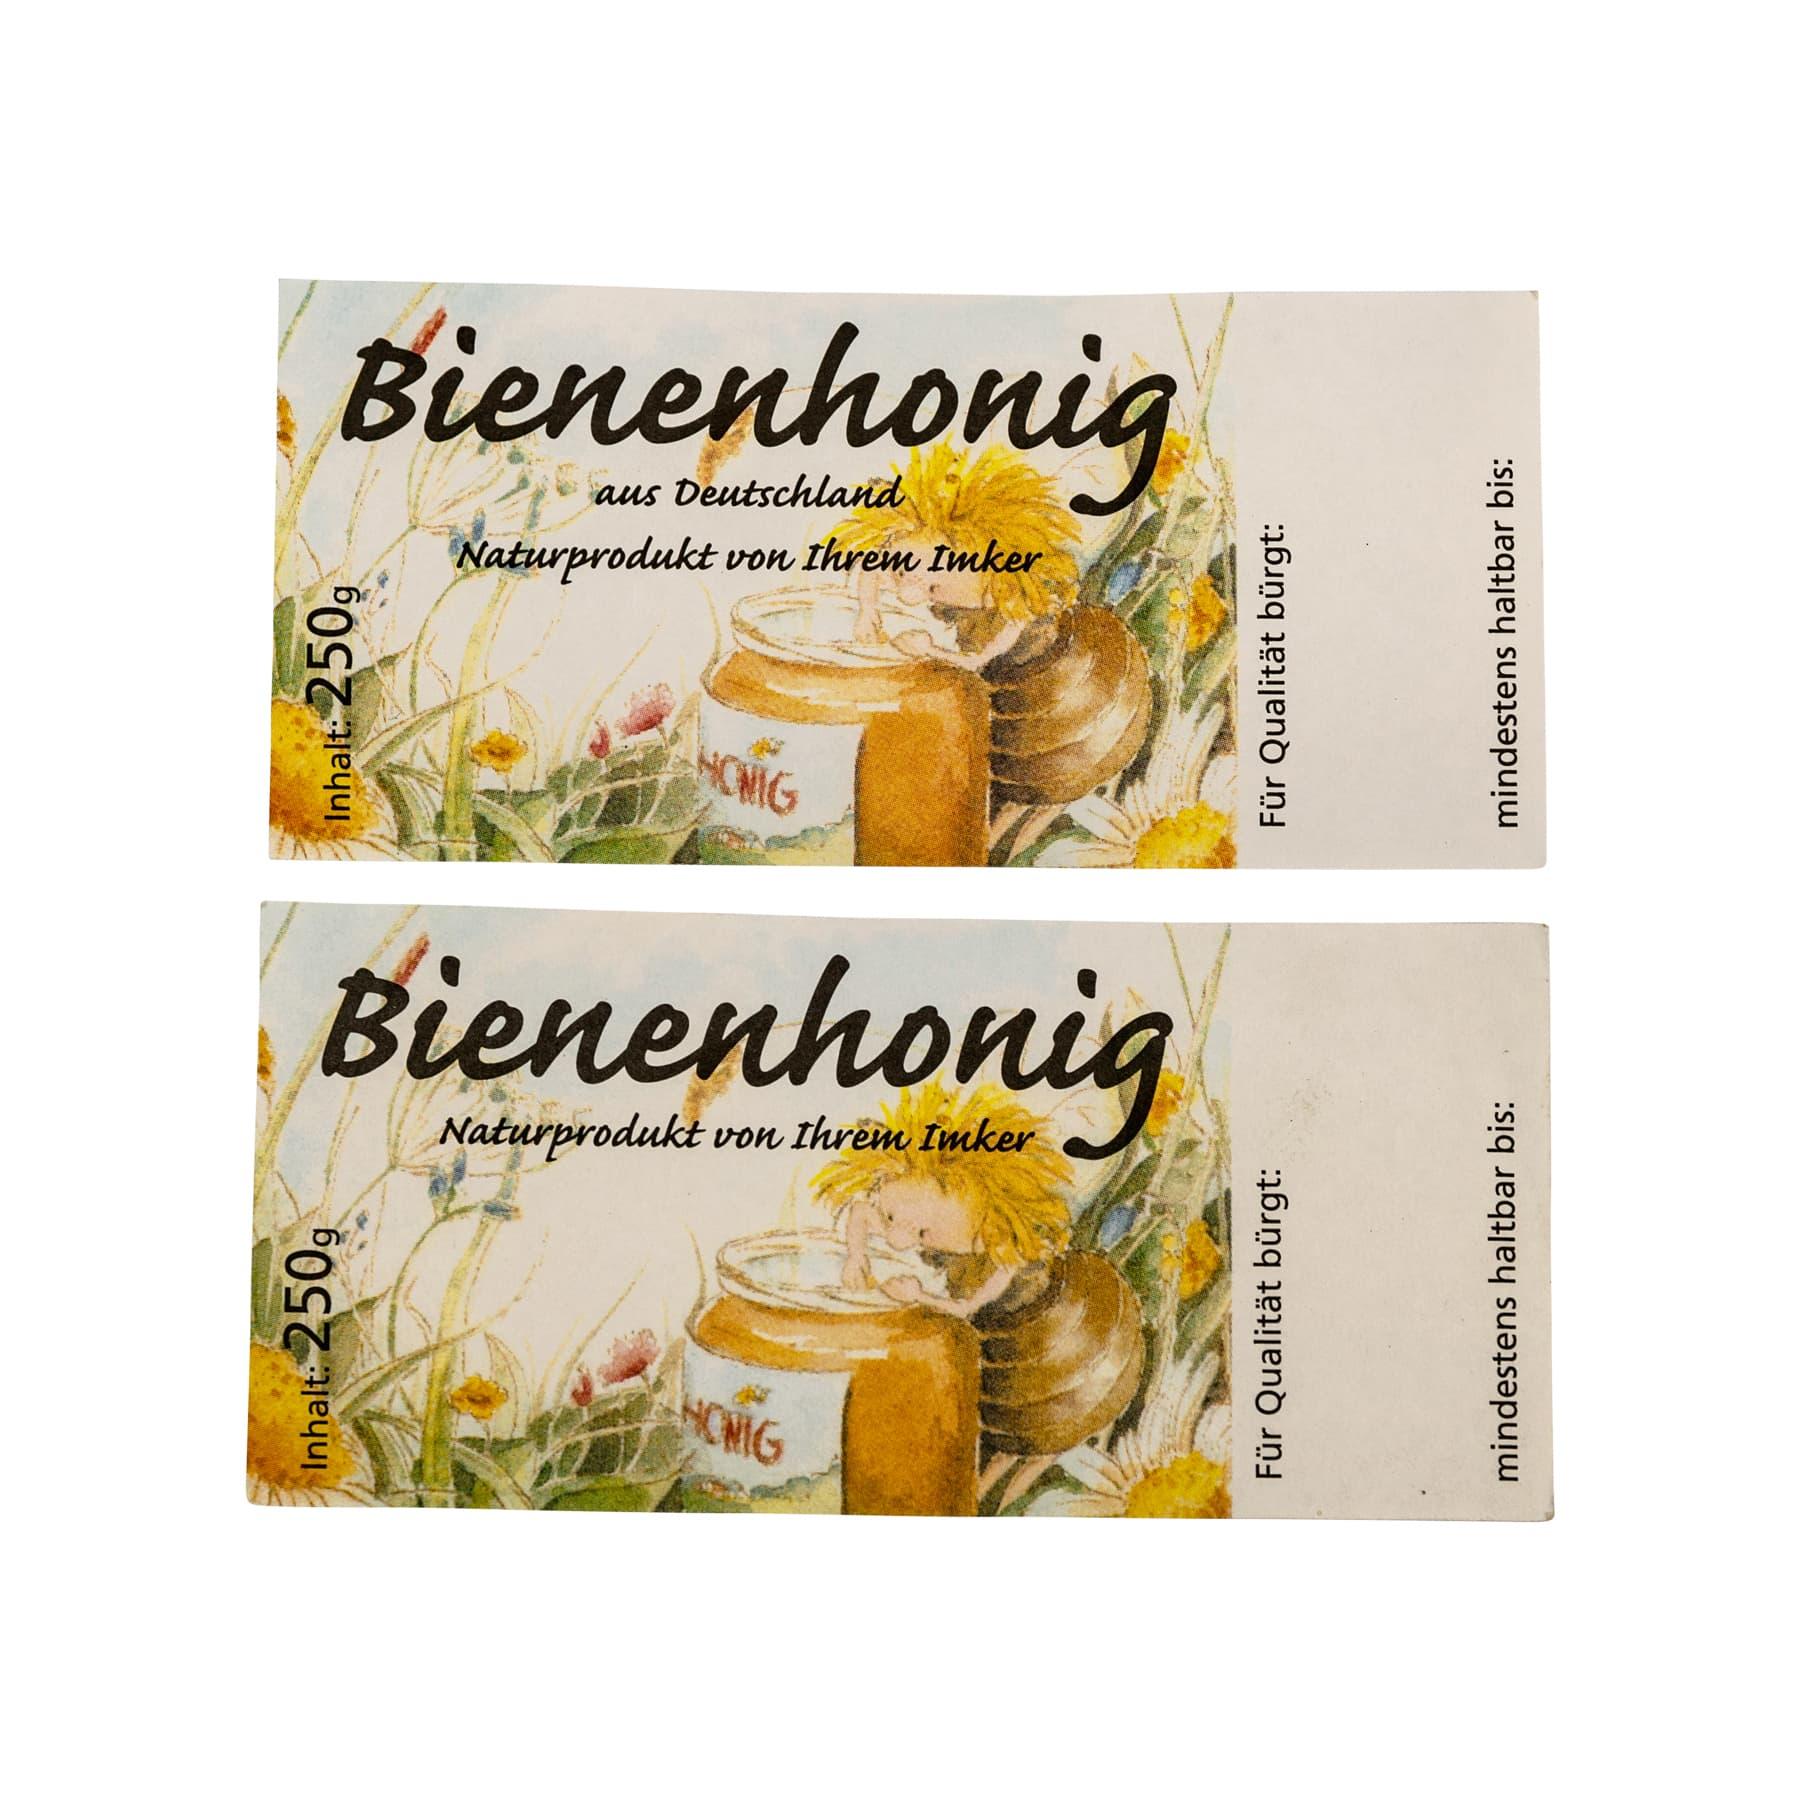 Honigetikett mit Schleckerbiene für 250 g Glas, nassklebend, 100 Stück